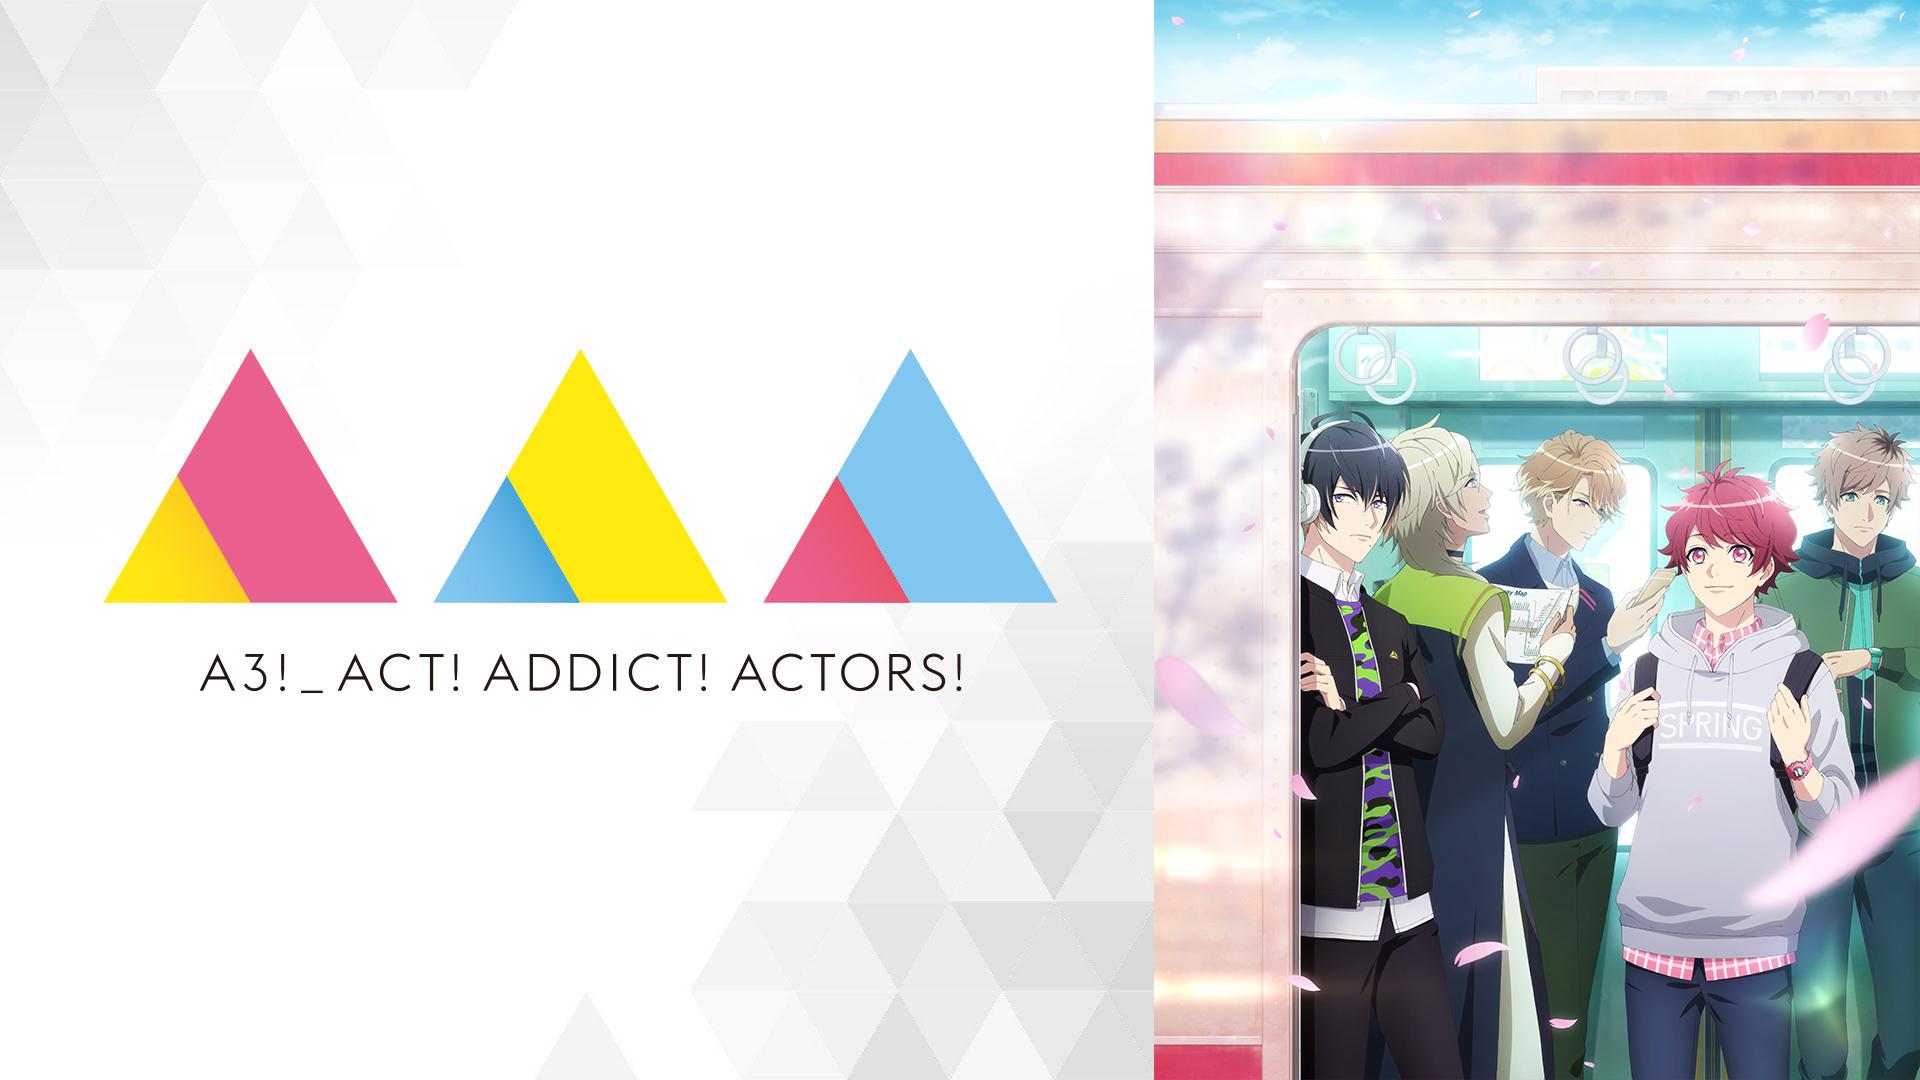 テレビアニメ『A3!』SEASON SPRING (c)A3! ANIMATION PROJECT